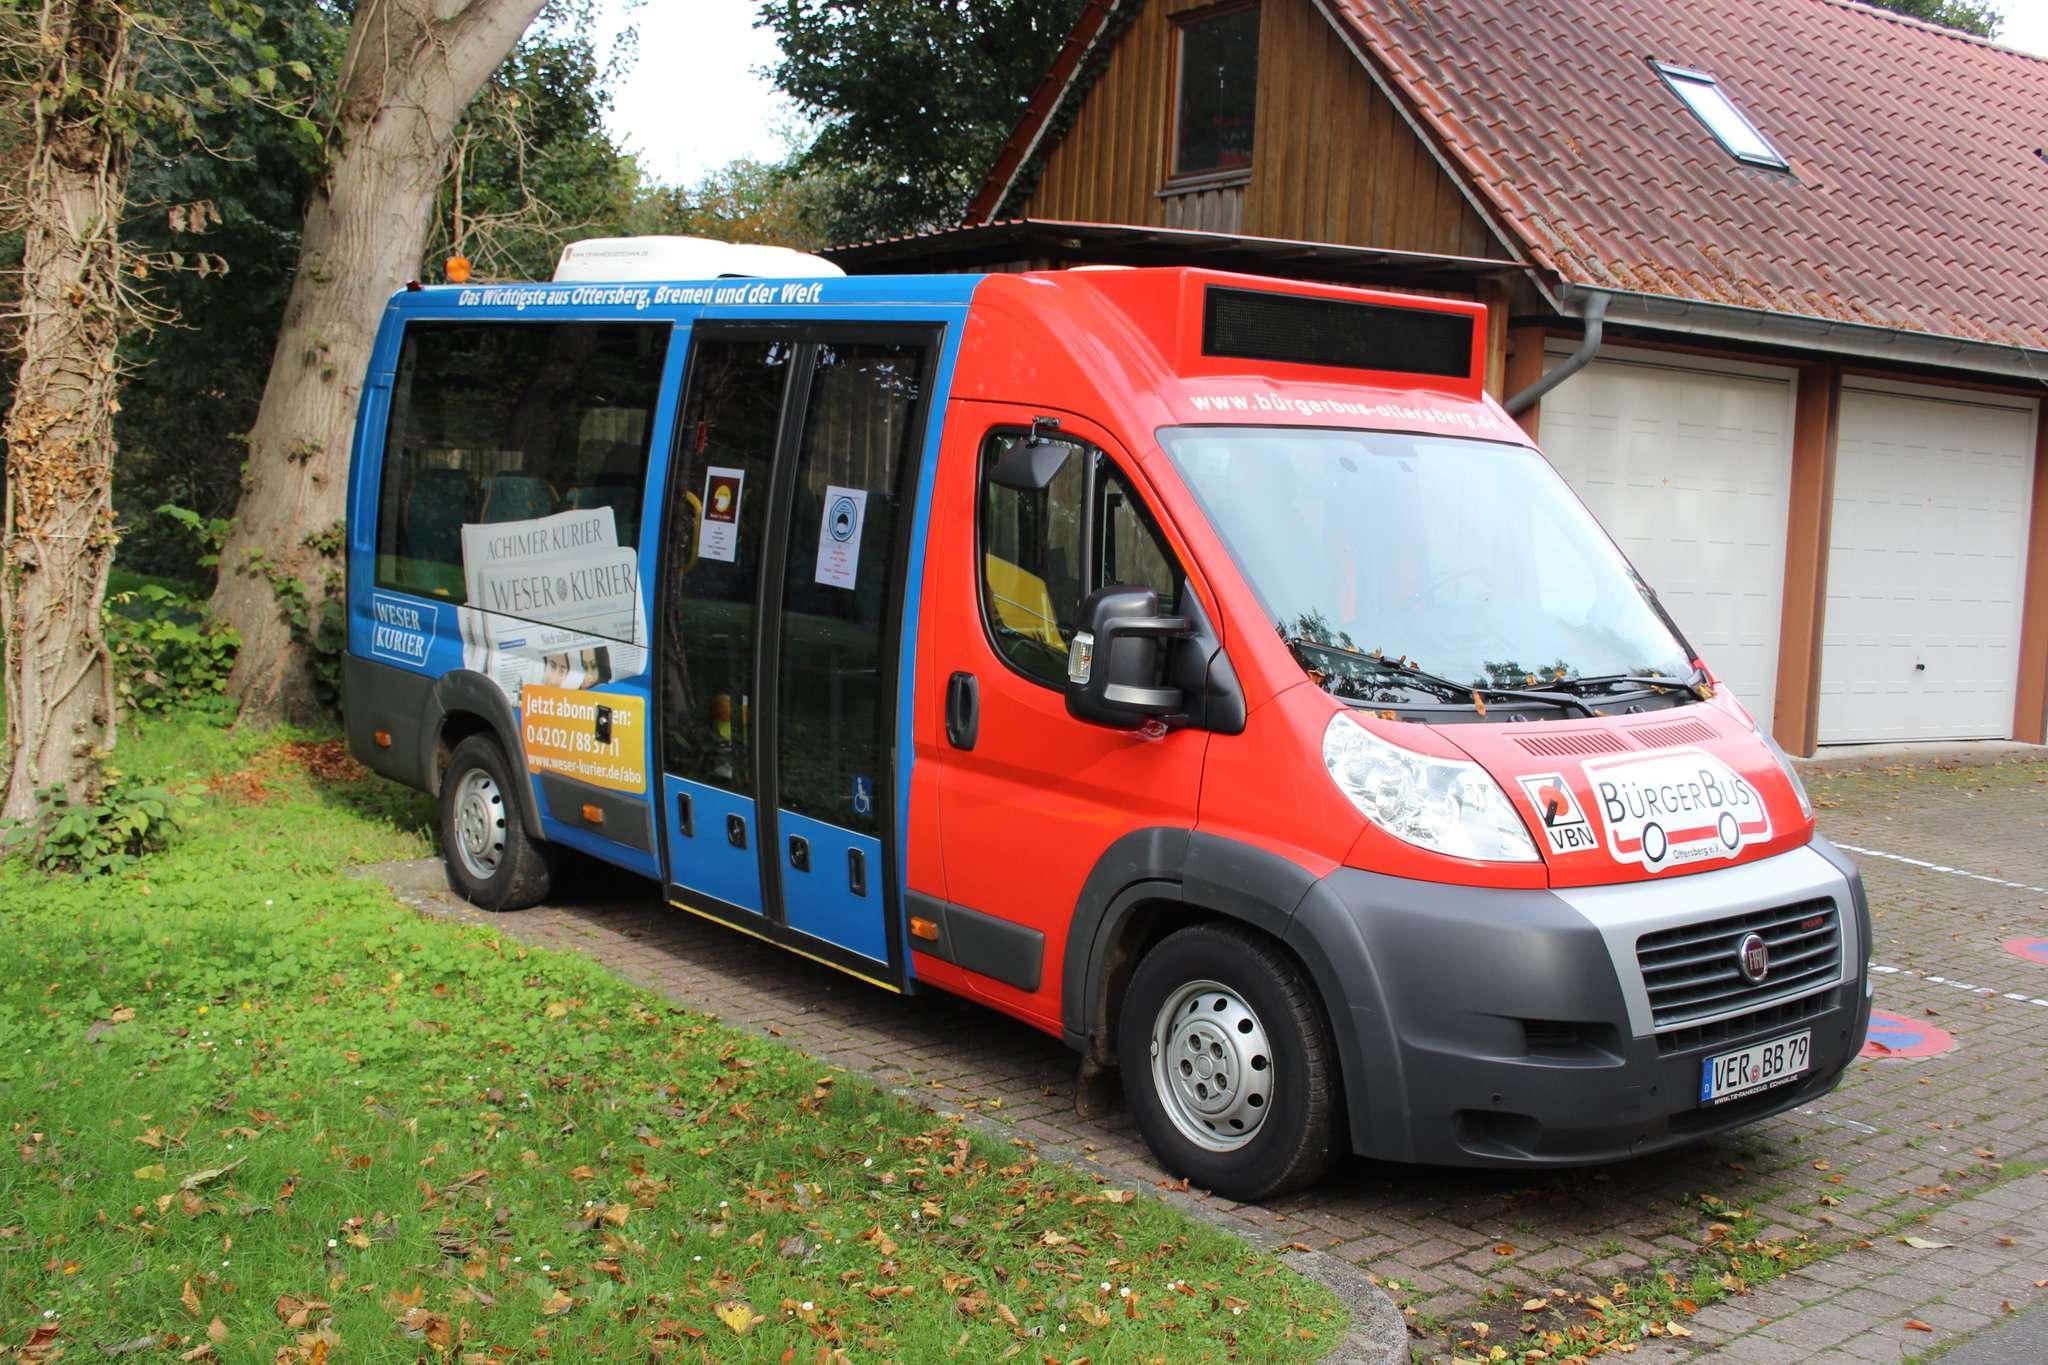 Bürgerbusse, wie hier in Ottersberg, bleiben vom 16. Dezember bis voraussichtlich 10. Januar stehen. Foto: Björn Blaak